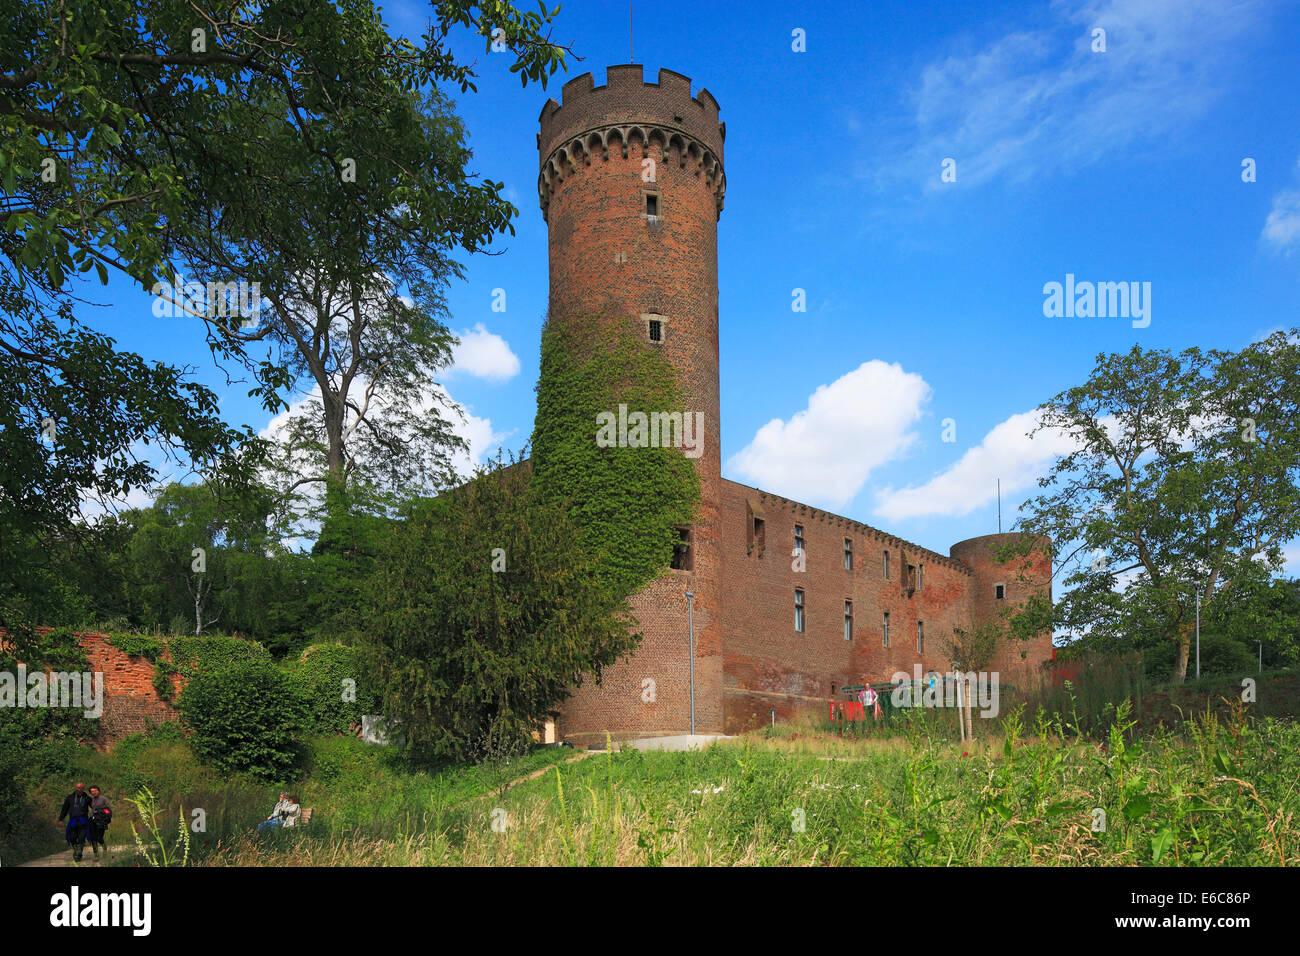 D-Zuelpich, Zuelpicher Boerde, Fore-Eifel, Eifel Foreland, Rhineland, North Rhine-Westphalia, NRW, horticultural - Stock Image